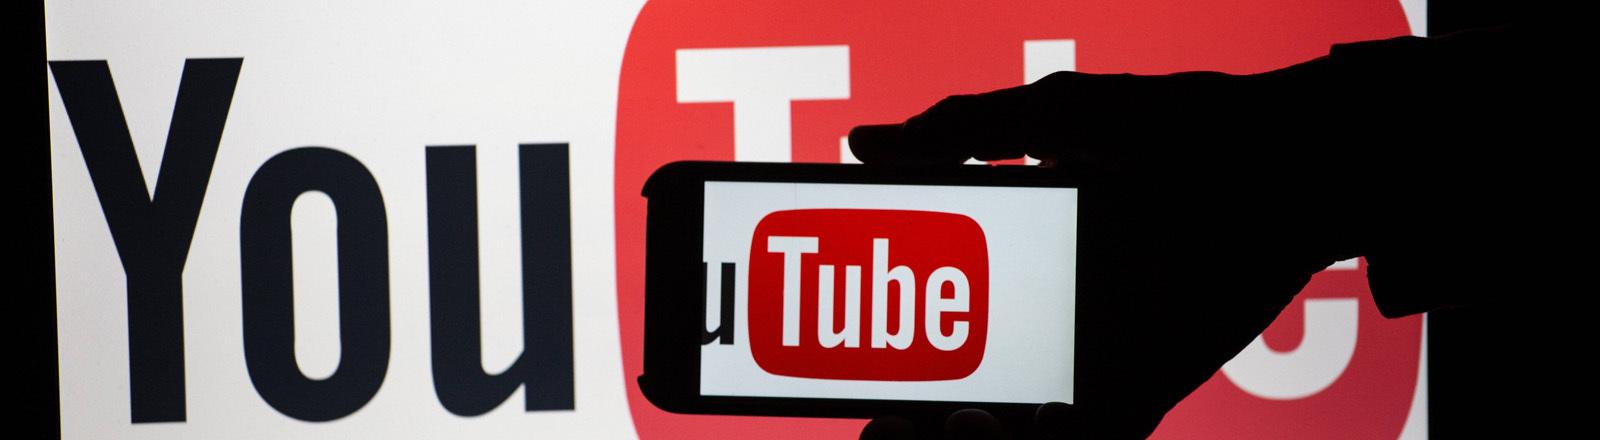 Logo von Youtube auf Flatscreen mit Hand davor, aufgenommen auf Messe in München, 23.8.2018